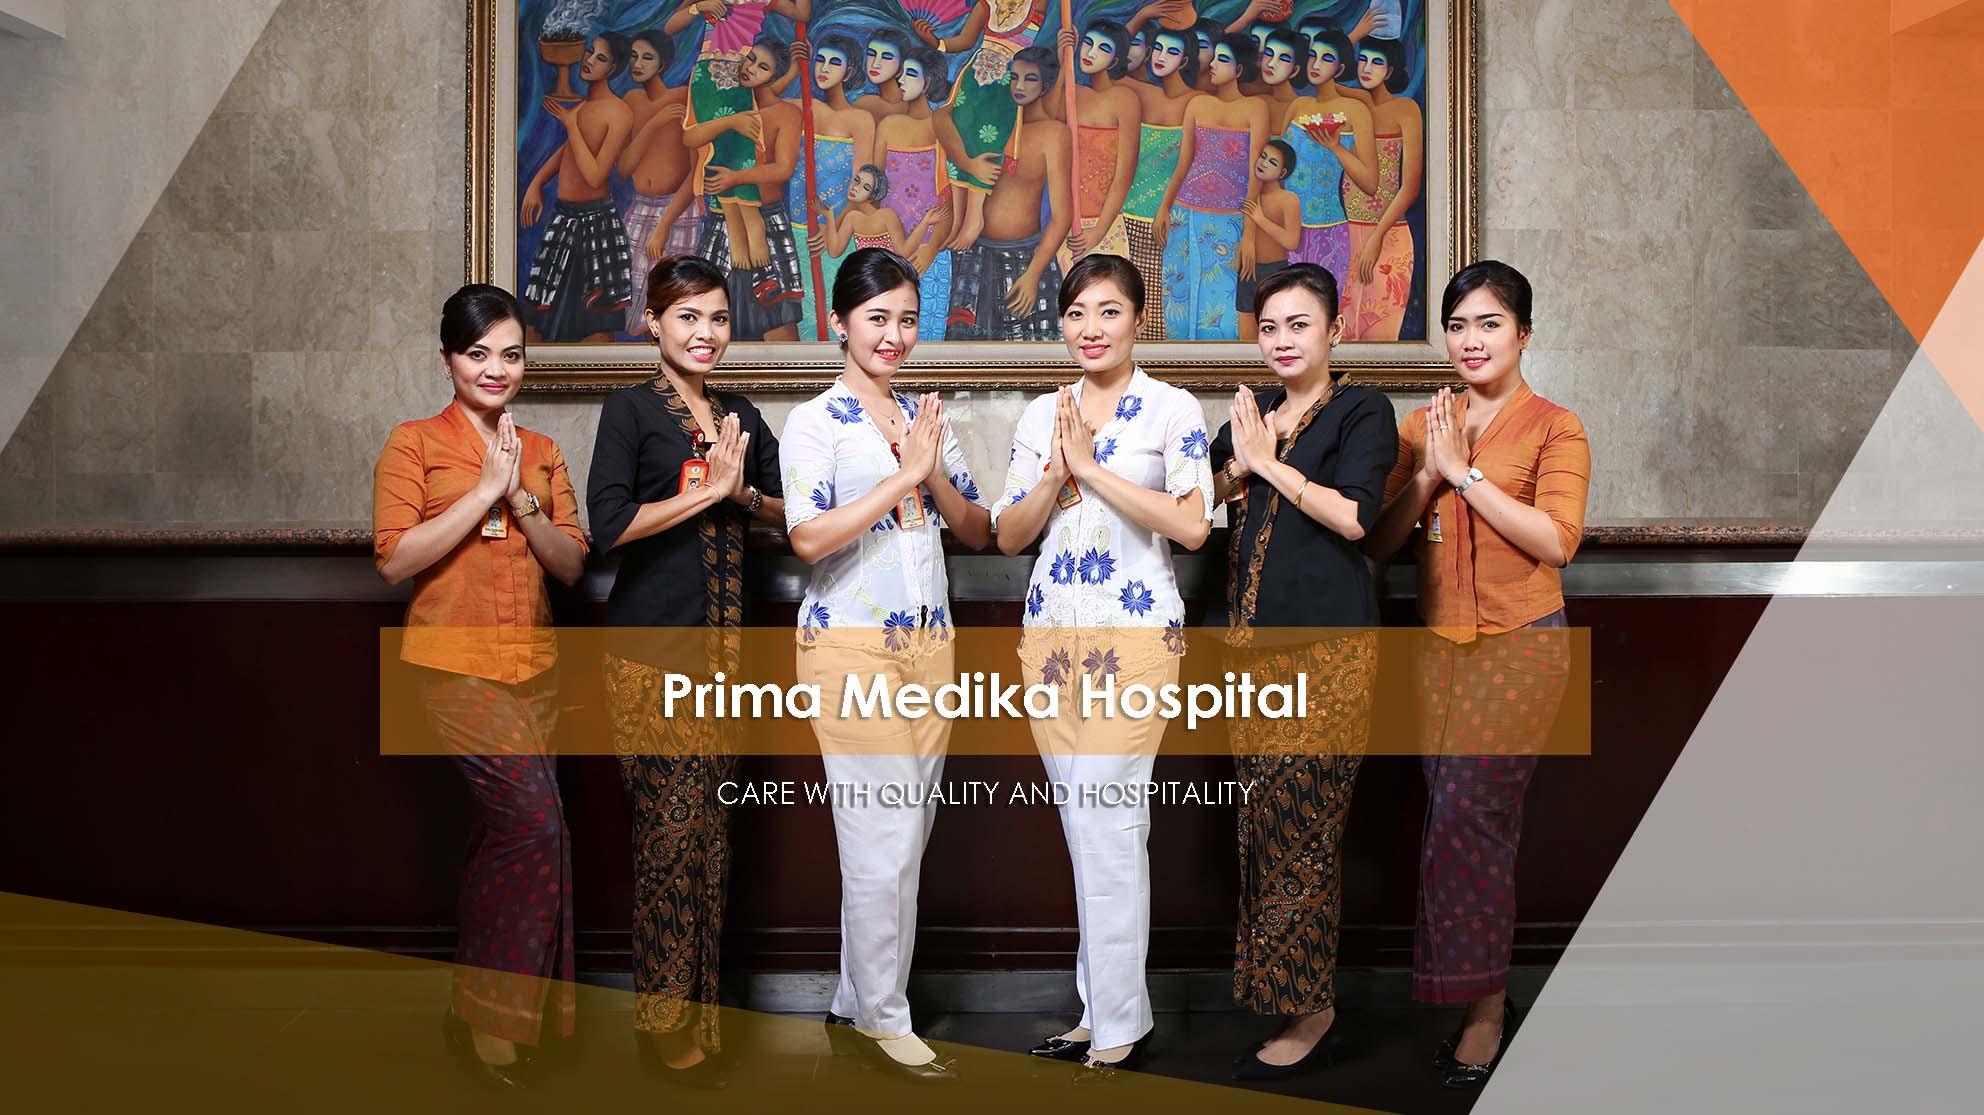 selamat datang di primamedika